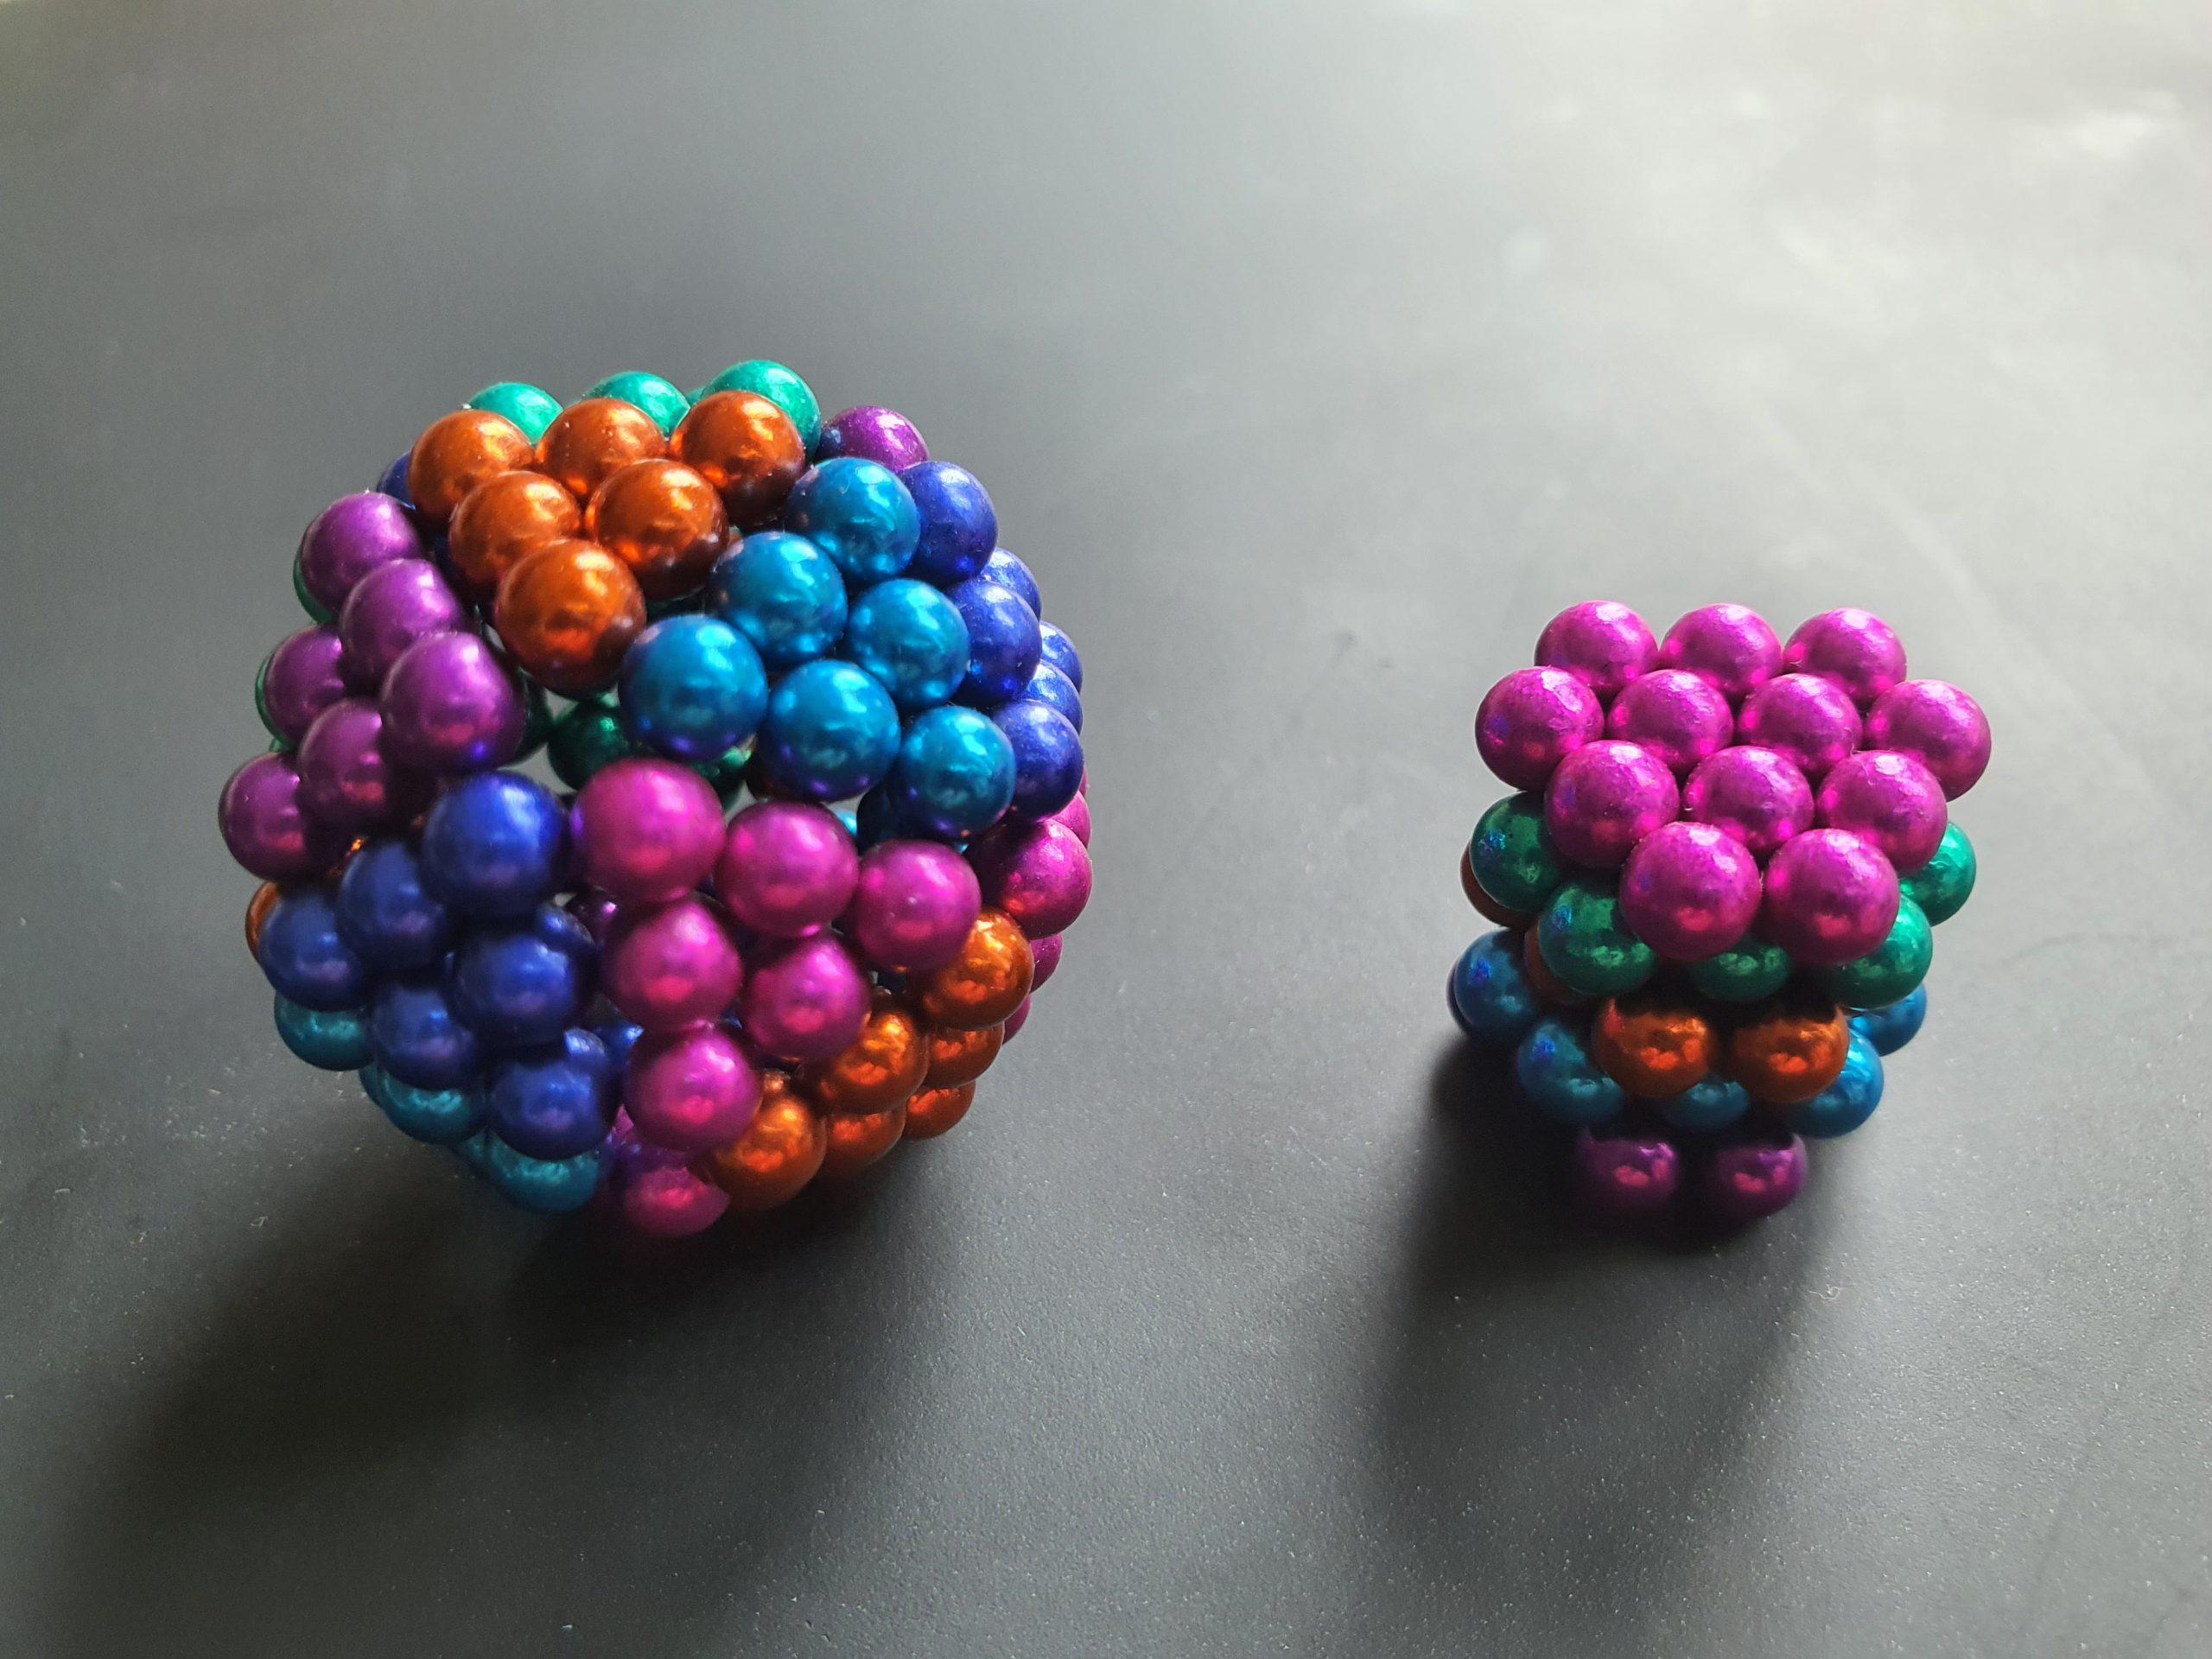 Magnetic ball toys threaten children's lives